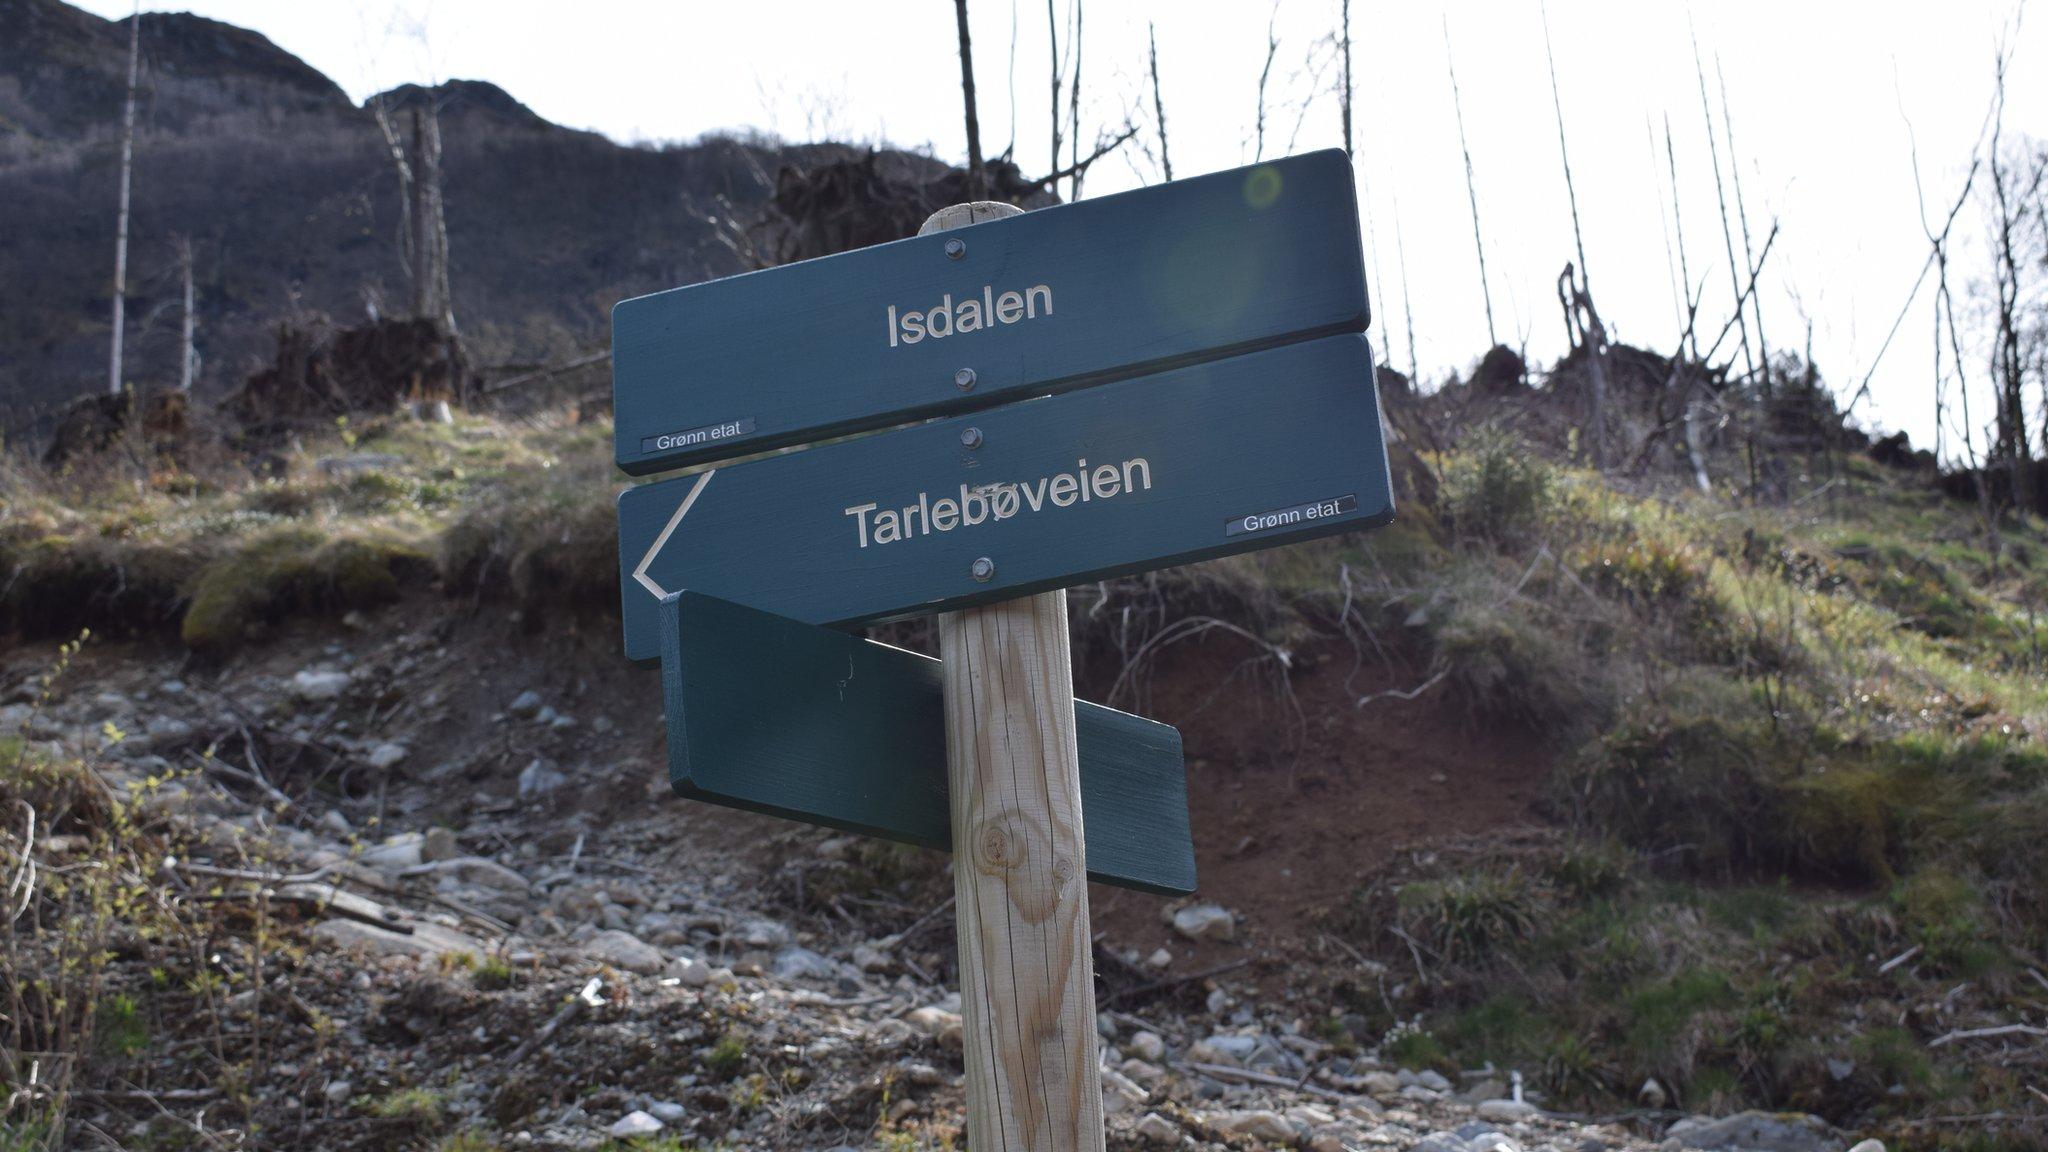 Señal hacia Isdalen